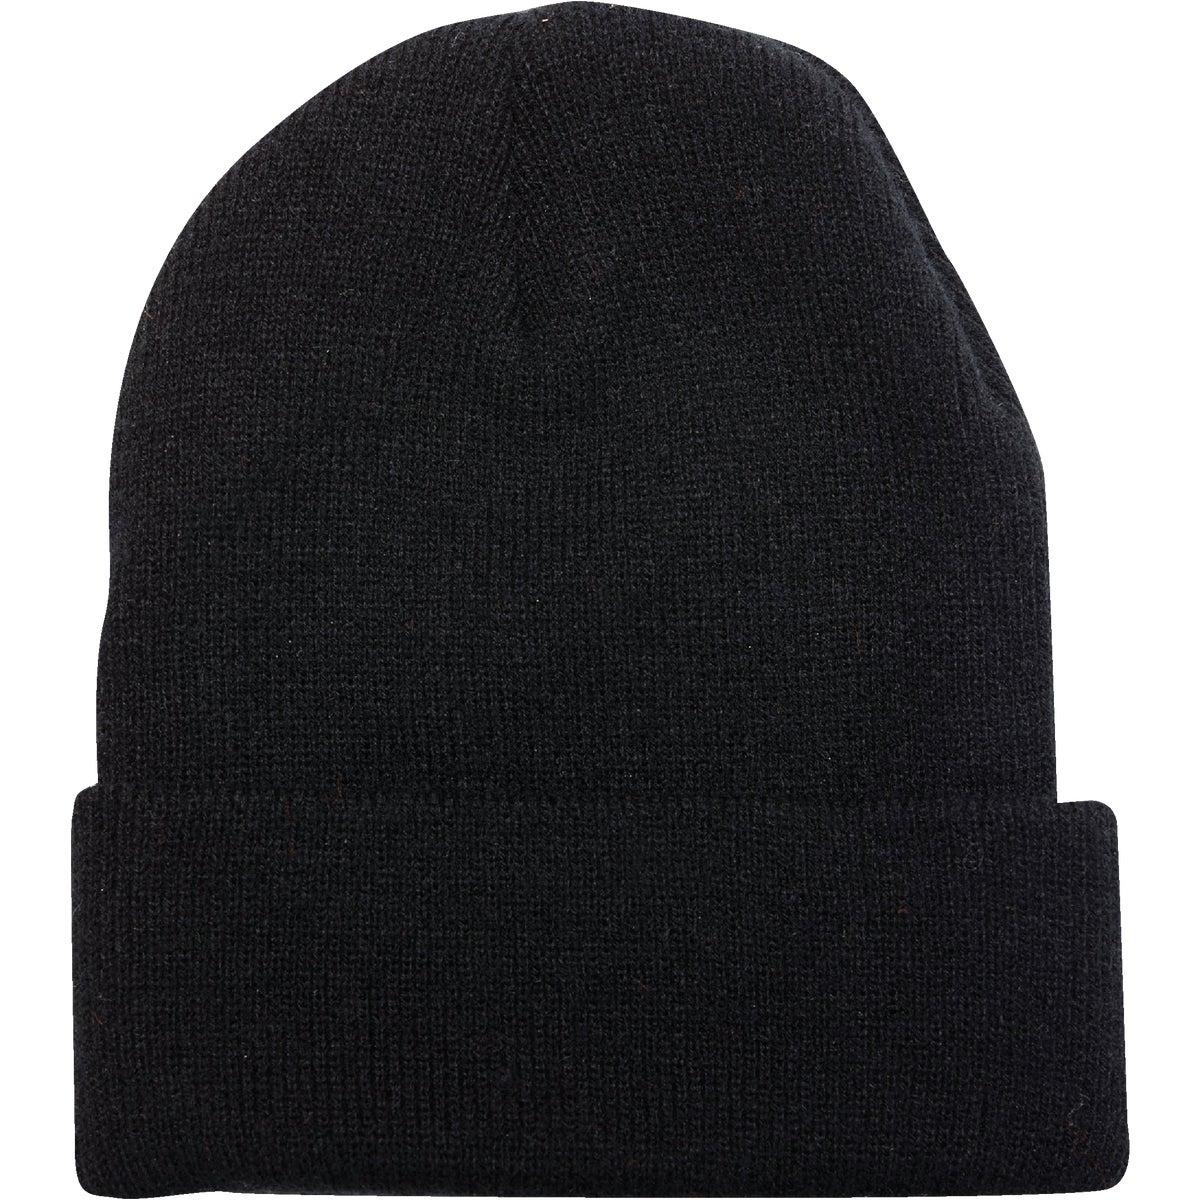 BLACK 1017 CAP